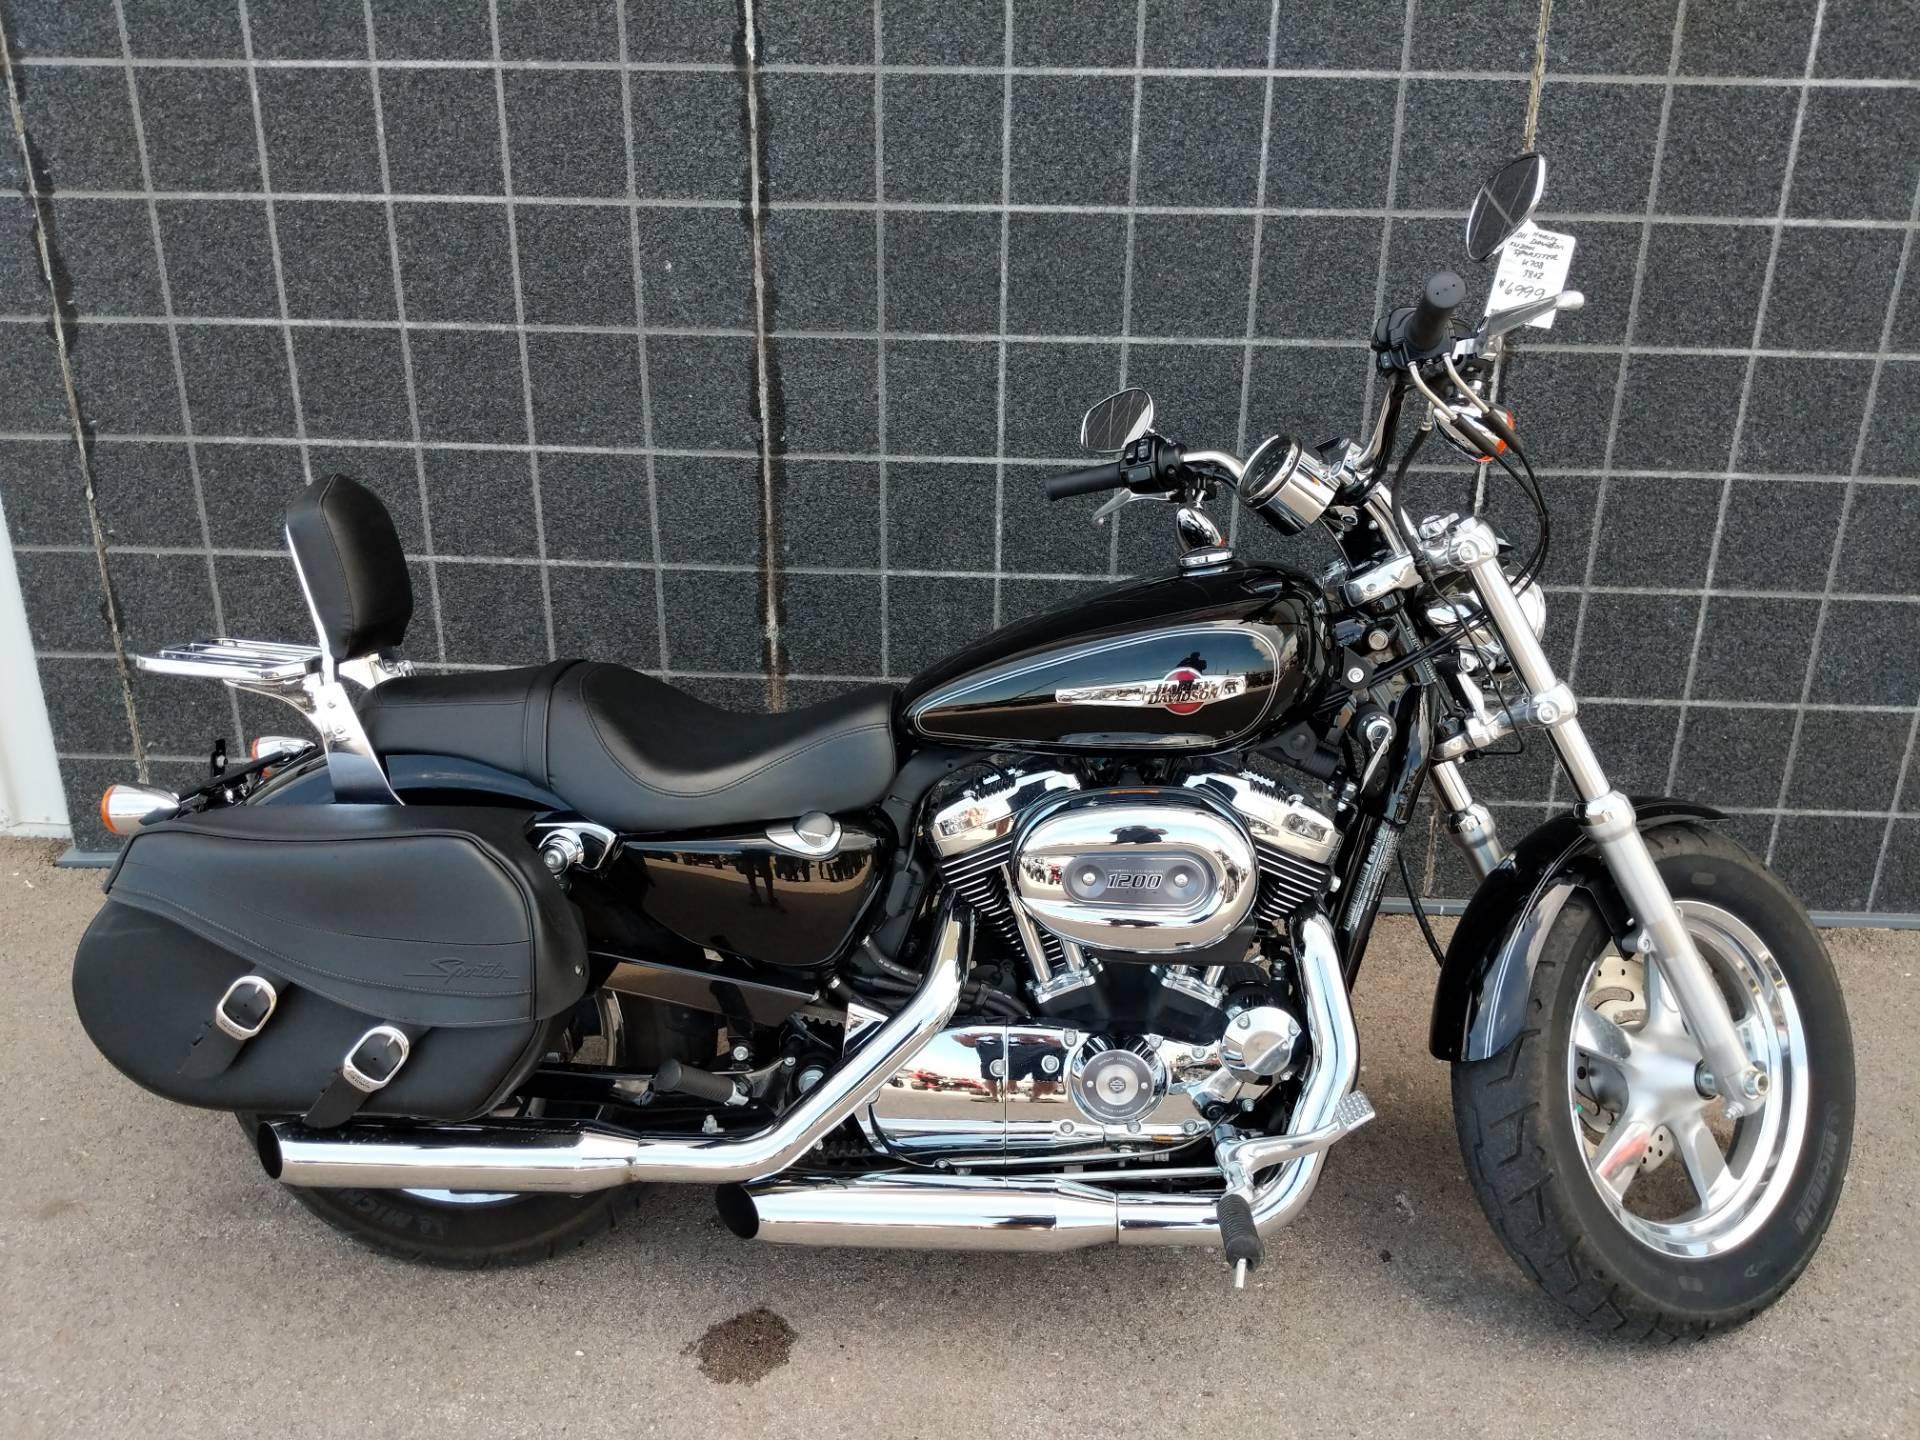 Harley Davidson Sportster 1200 >> Used 2011 Harley Davidson Sportster 1200 Custom Motorcycles In